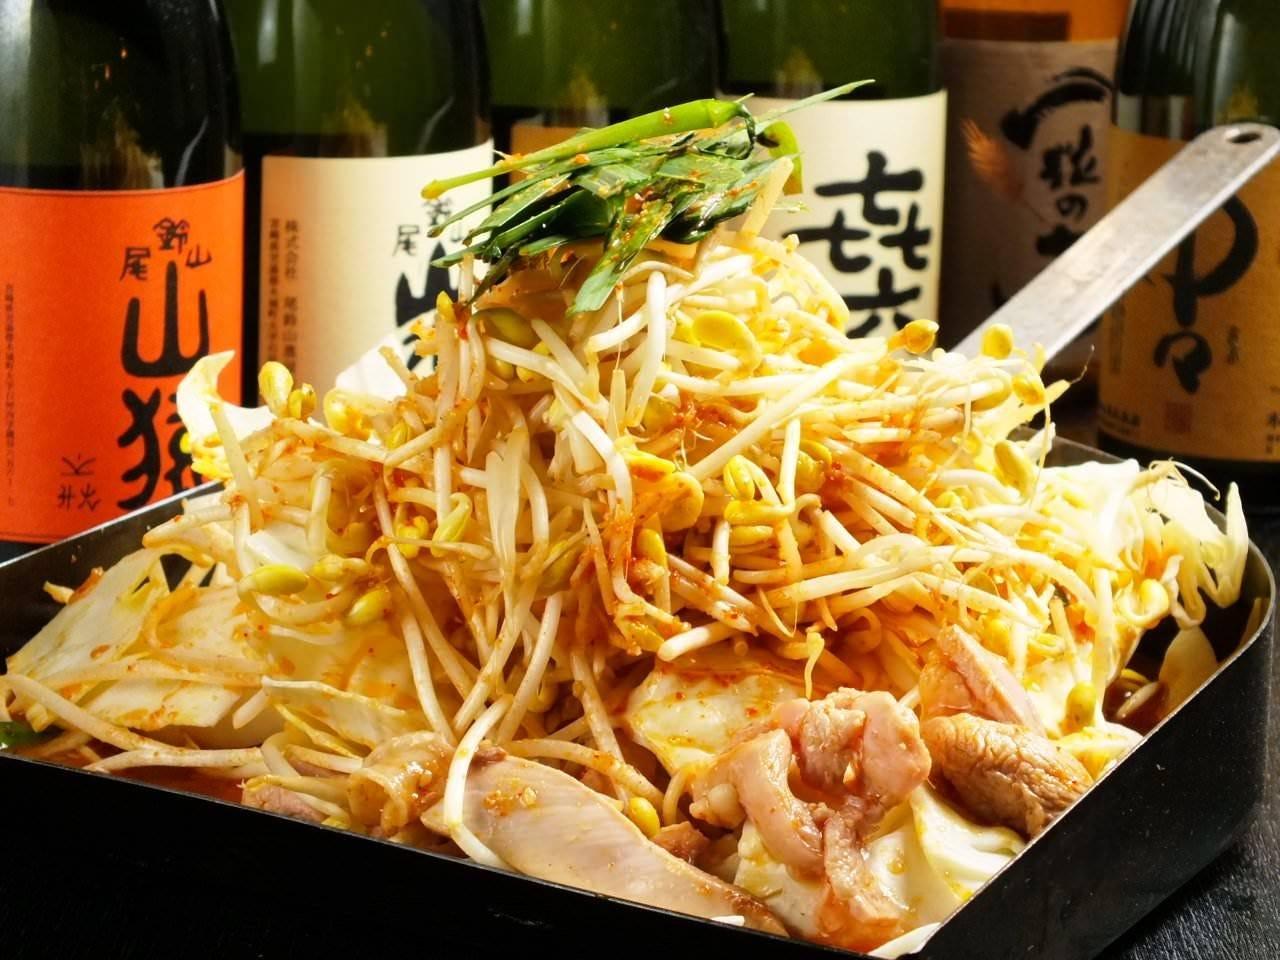 鶴橋店限定「ちりとり鍋」を食す!